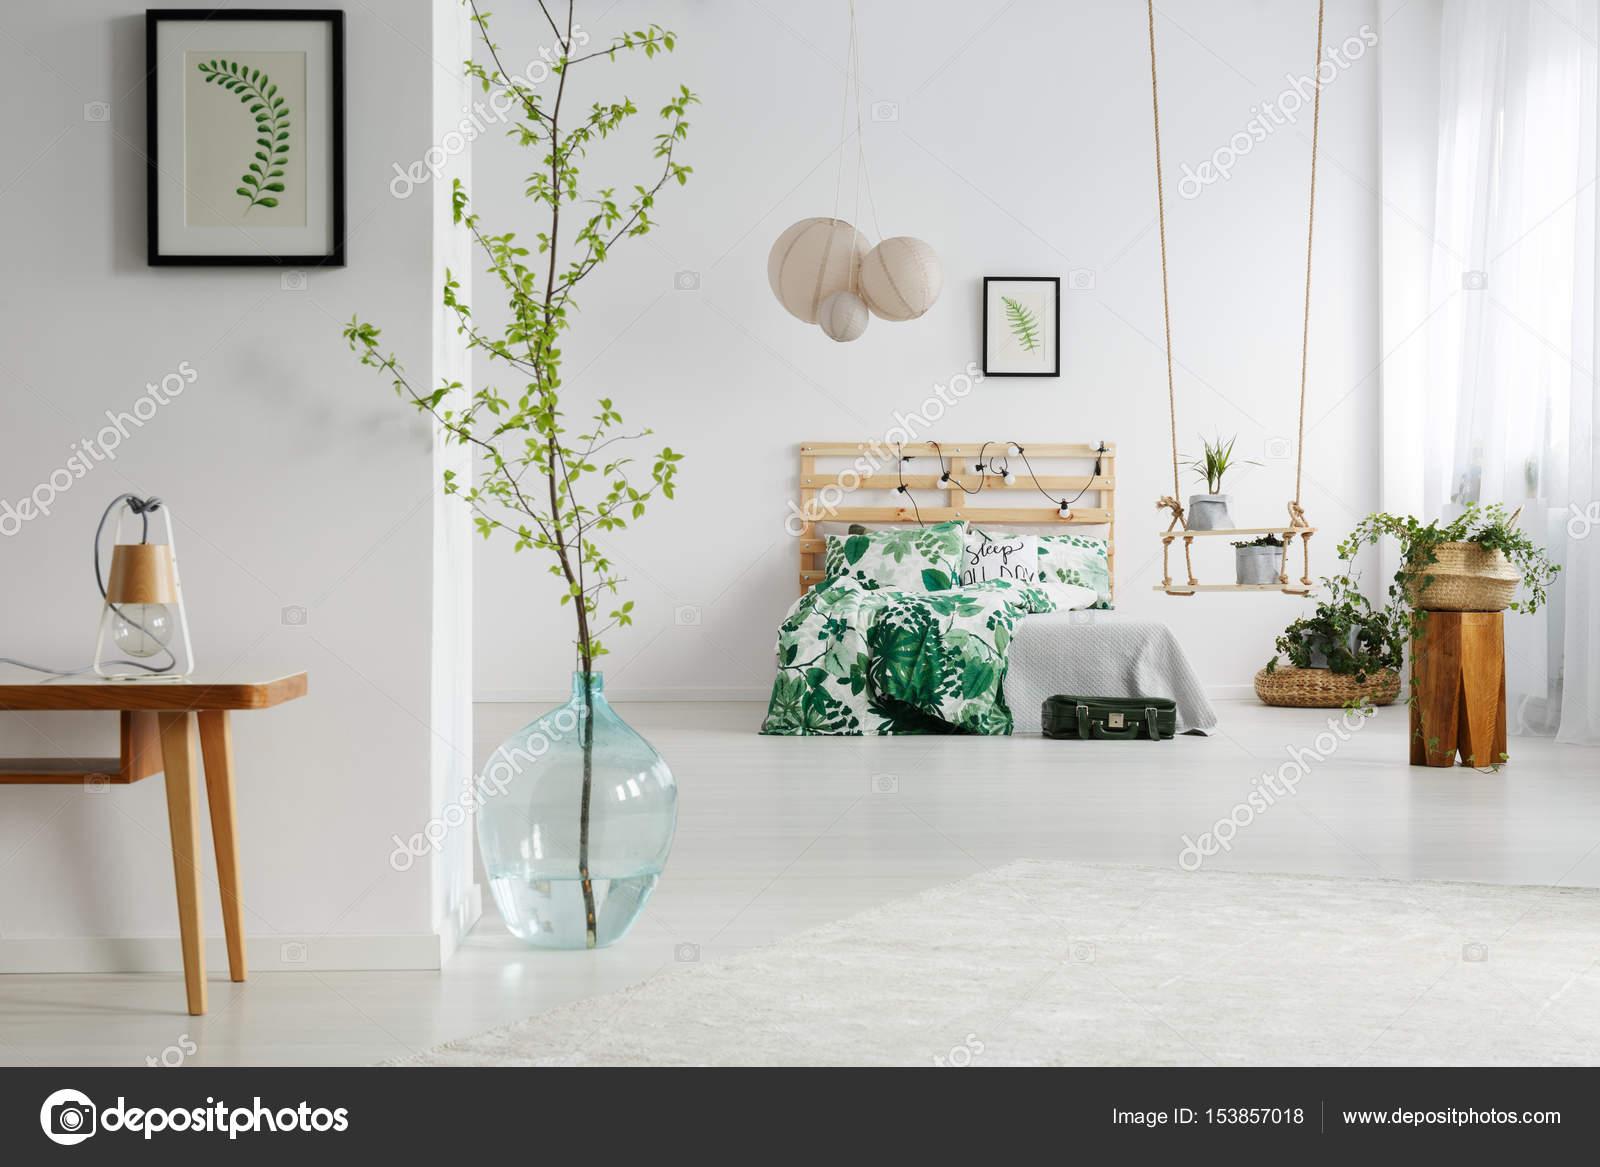 https://st3.depositphotos.com/2249091/15385/i/1600/depositphotos_153857018-stockafbeelding-wit-slaapkamer-met-planten.jpg